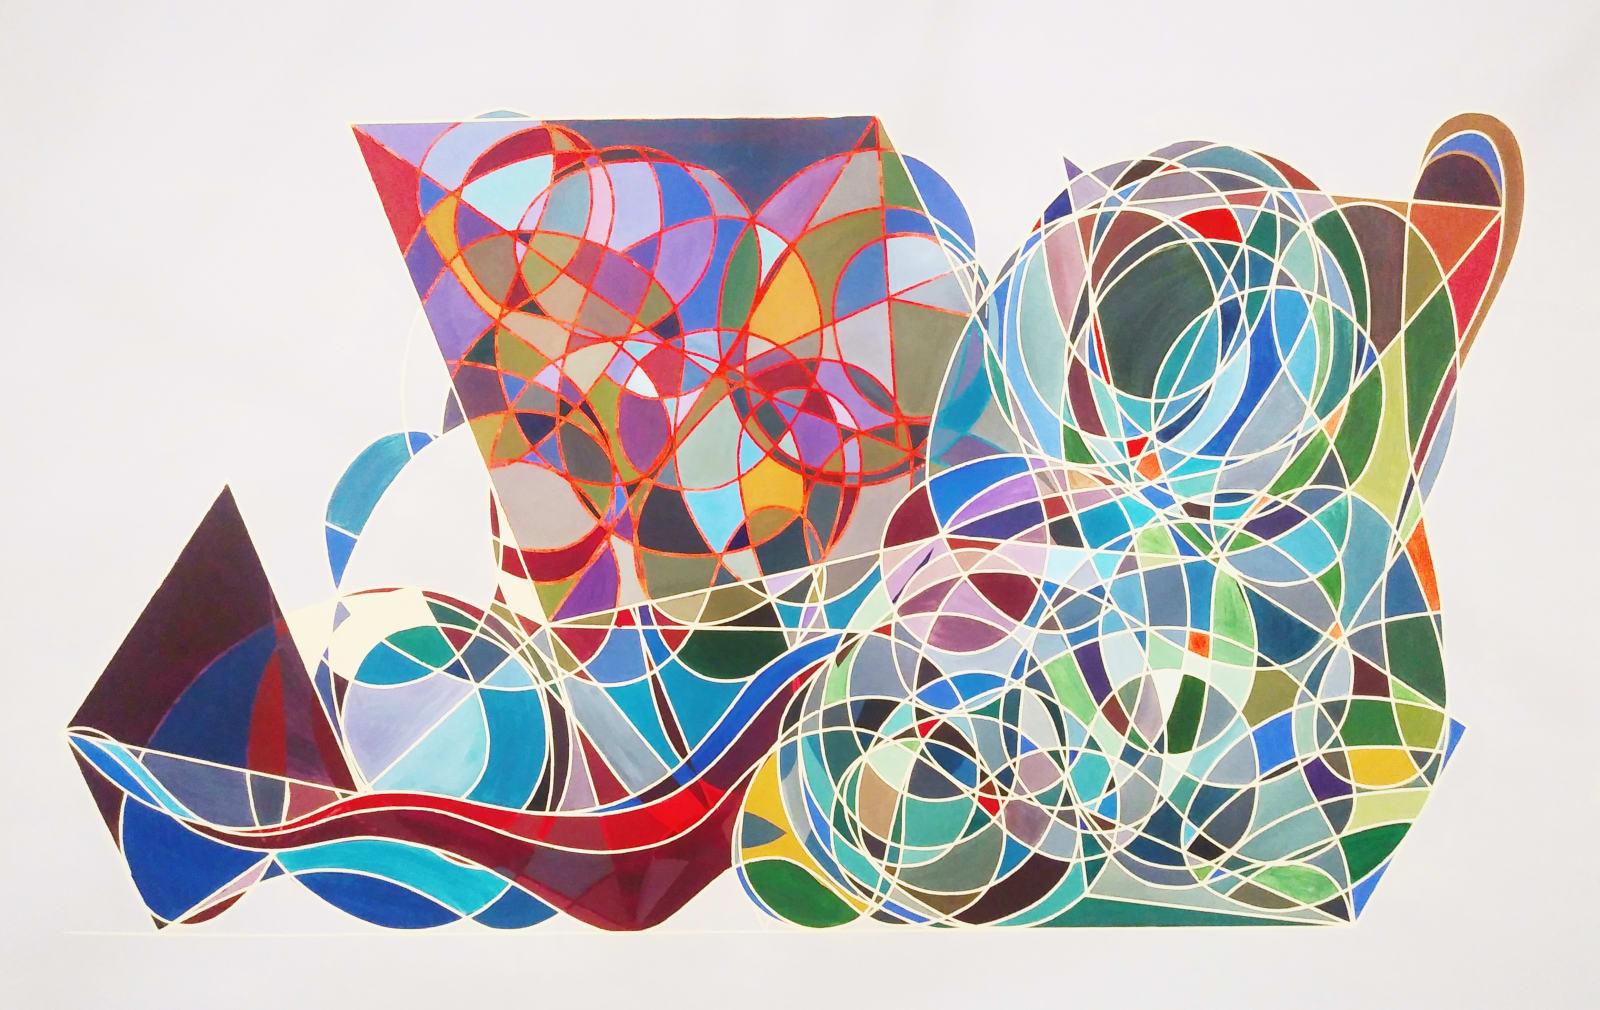 Cecilia Biagini E la nave va, 2020 Acrylic on canvas 40 x 66 in 101.6 x 167.6 cm